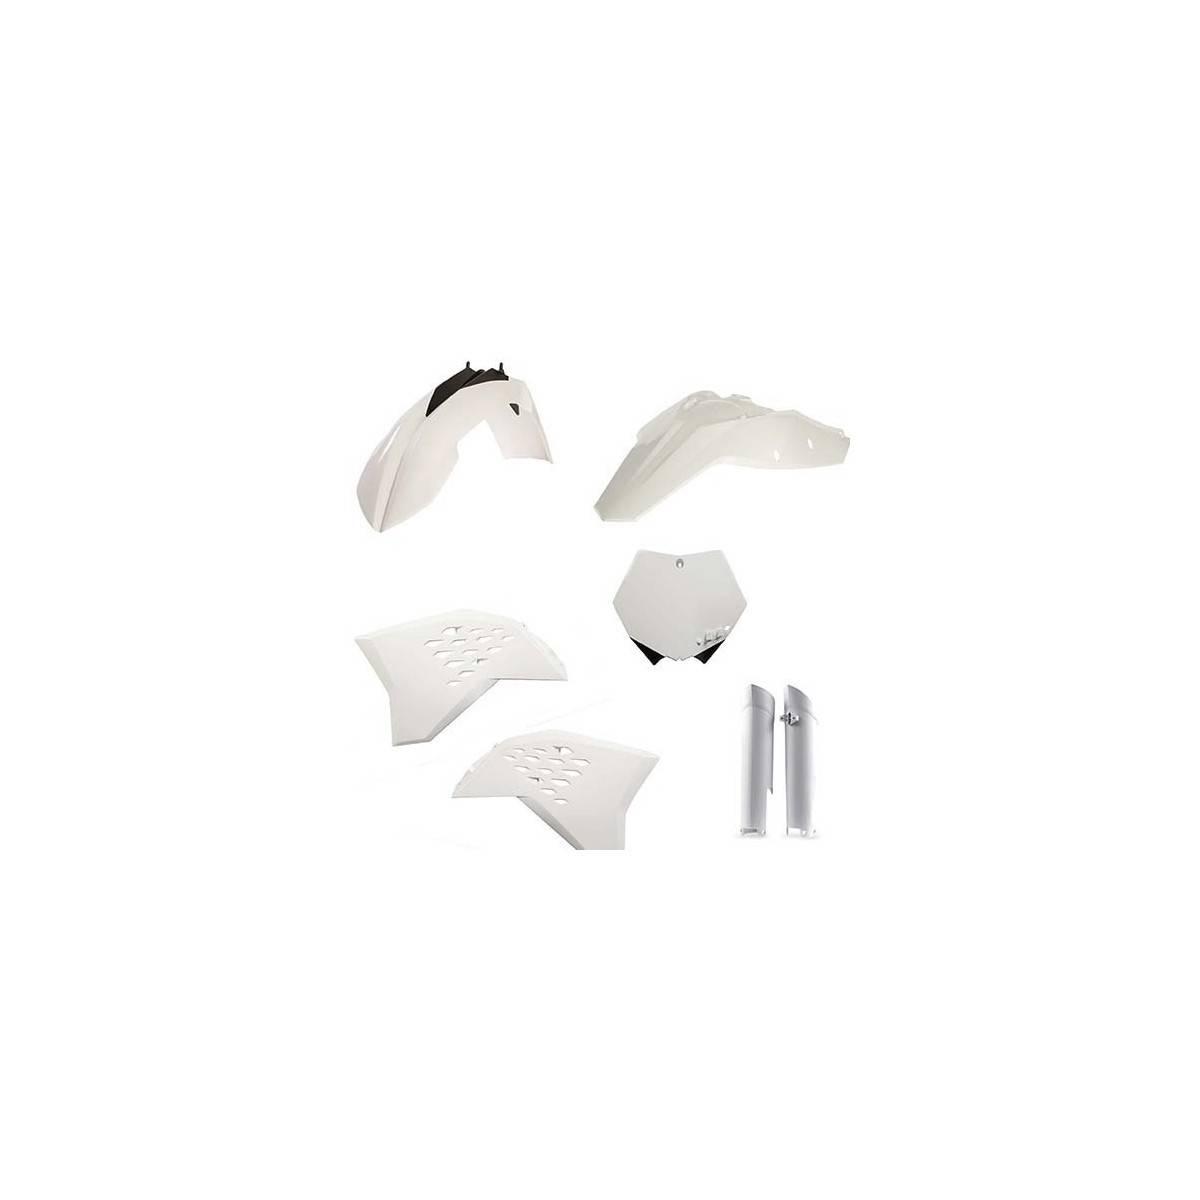 0023083-030 - Full Kit Plasticos Yz 125 18 Blanco